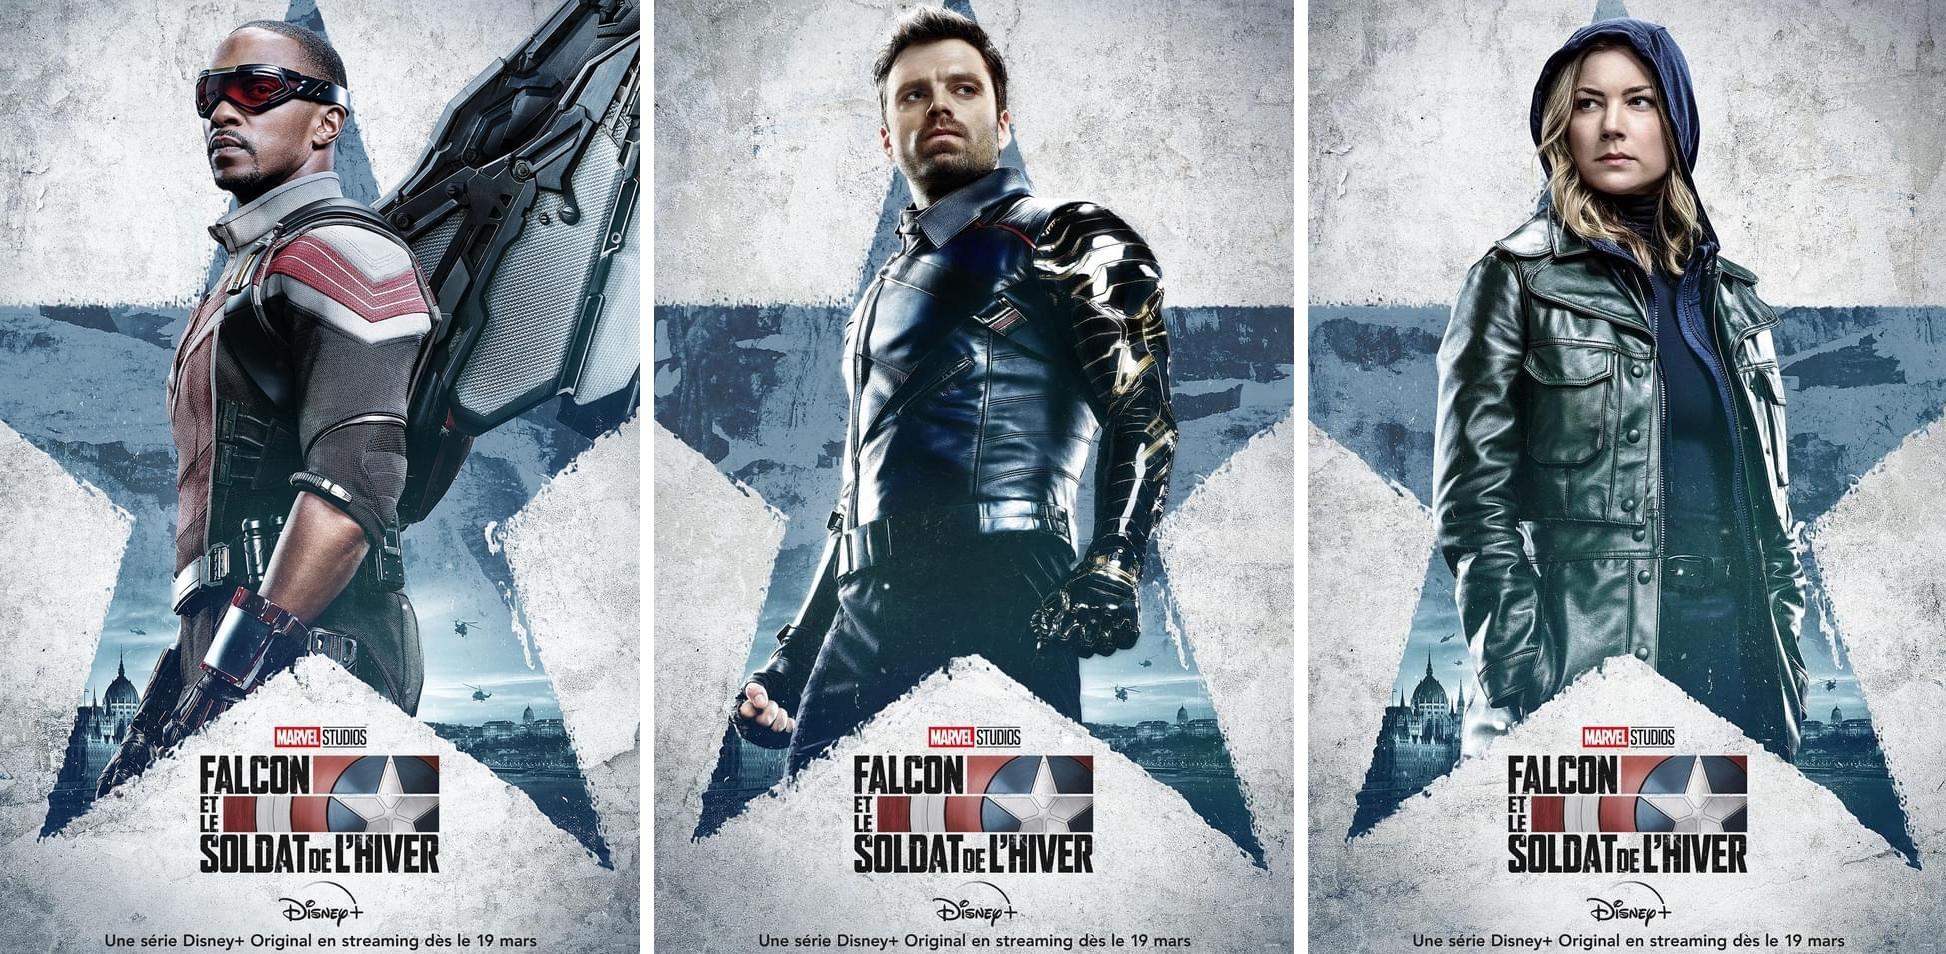 Falcon et le Soldat de l'Hiver épisode 5 : John Walker se révèle